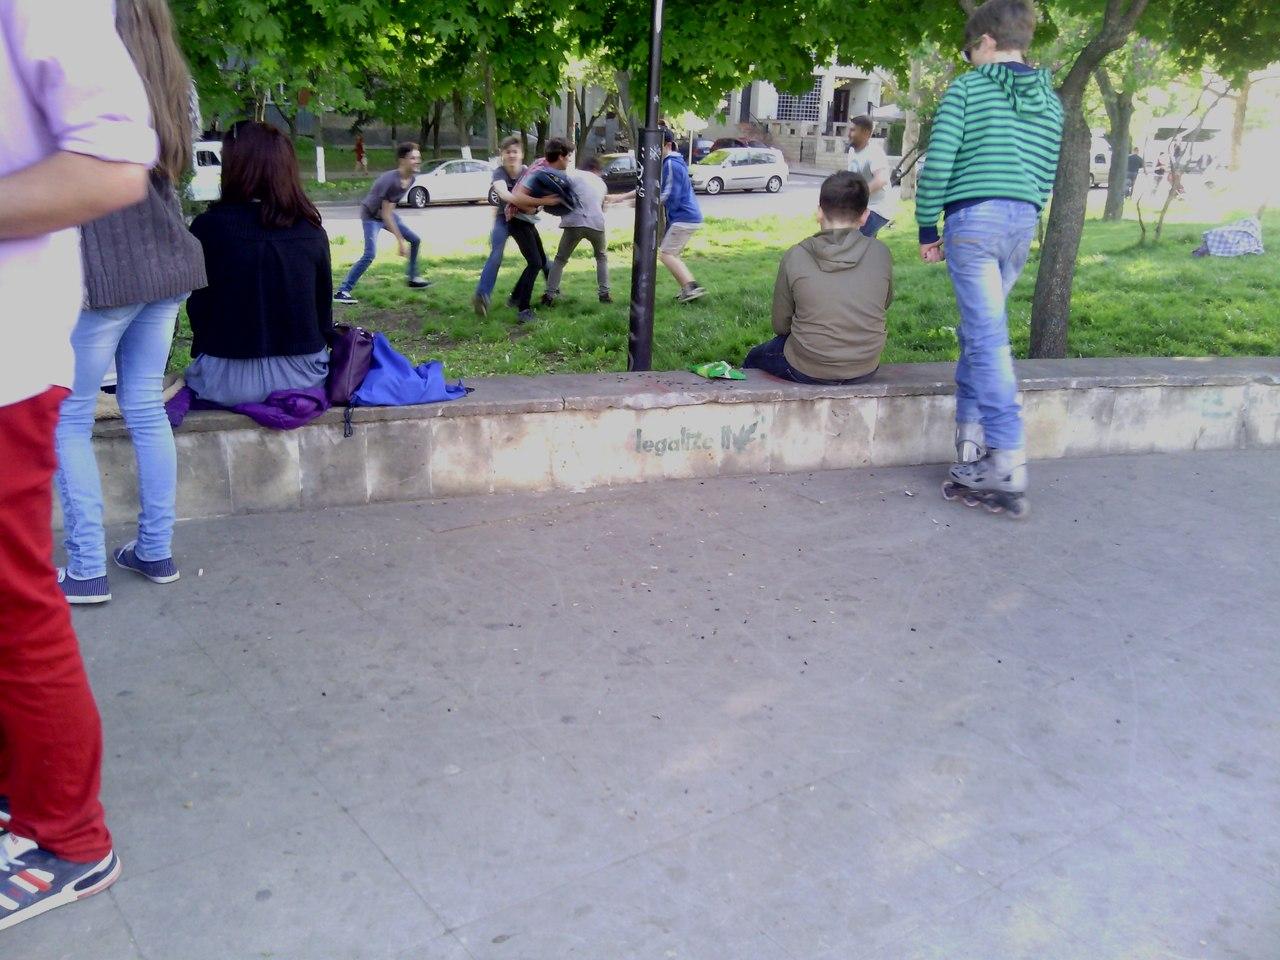 Согласилась в парке за деньги 9 фотография